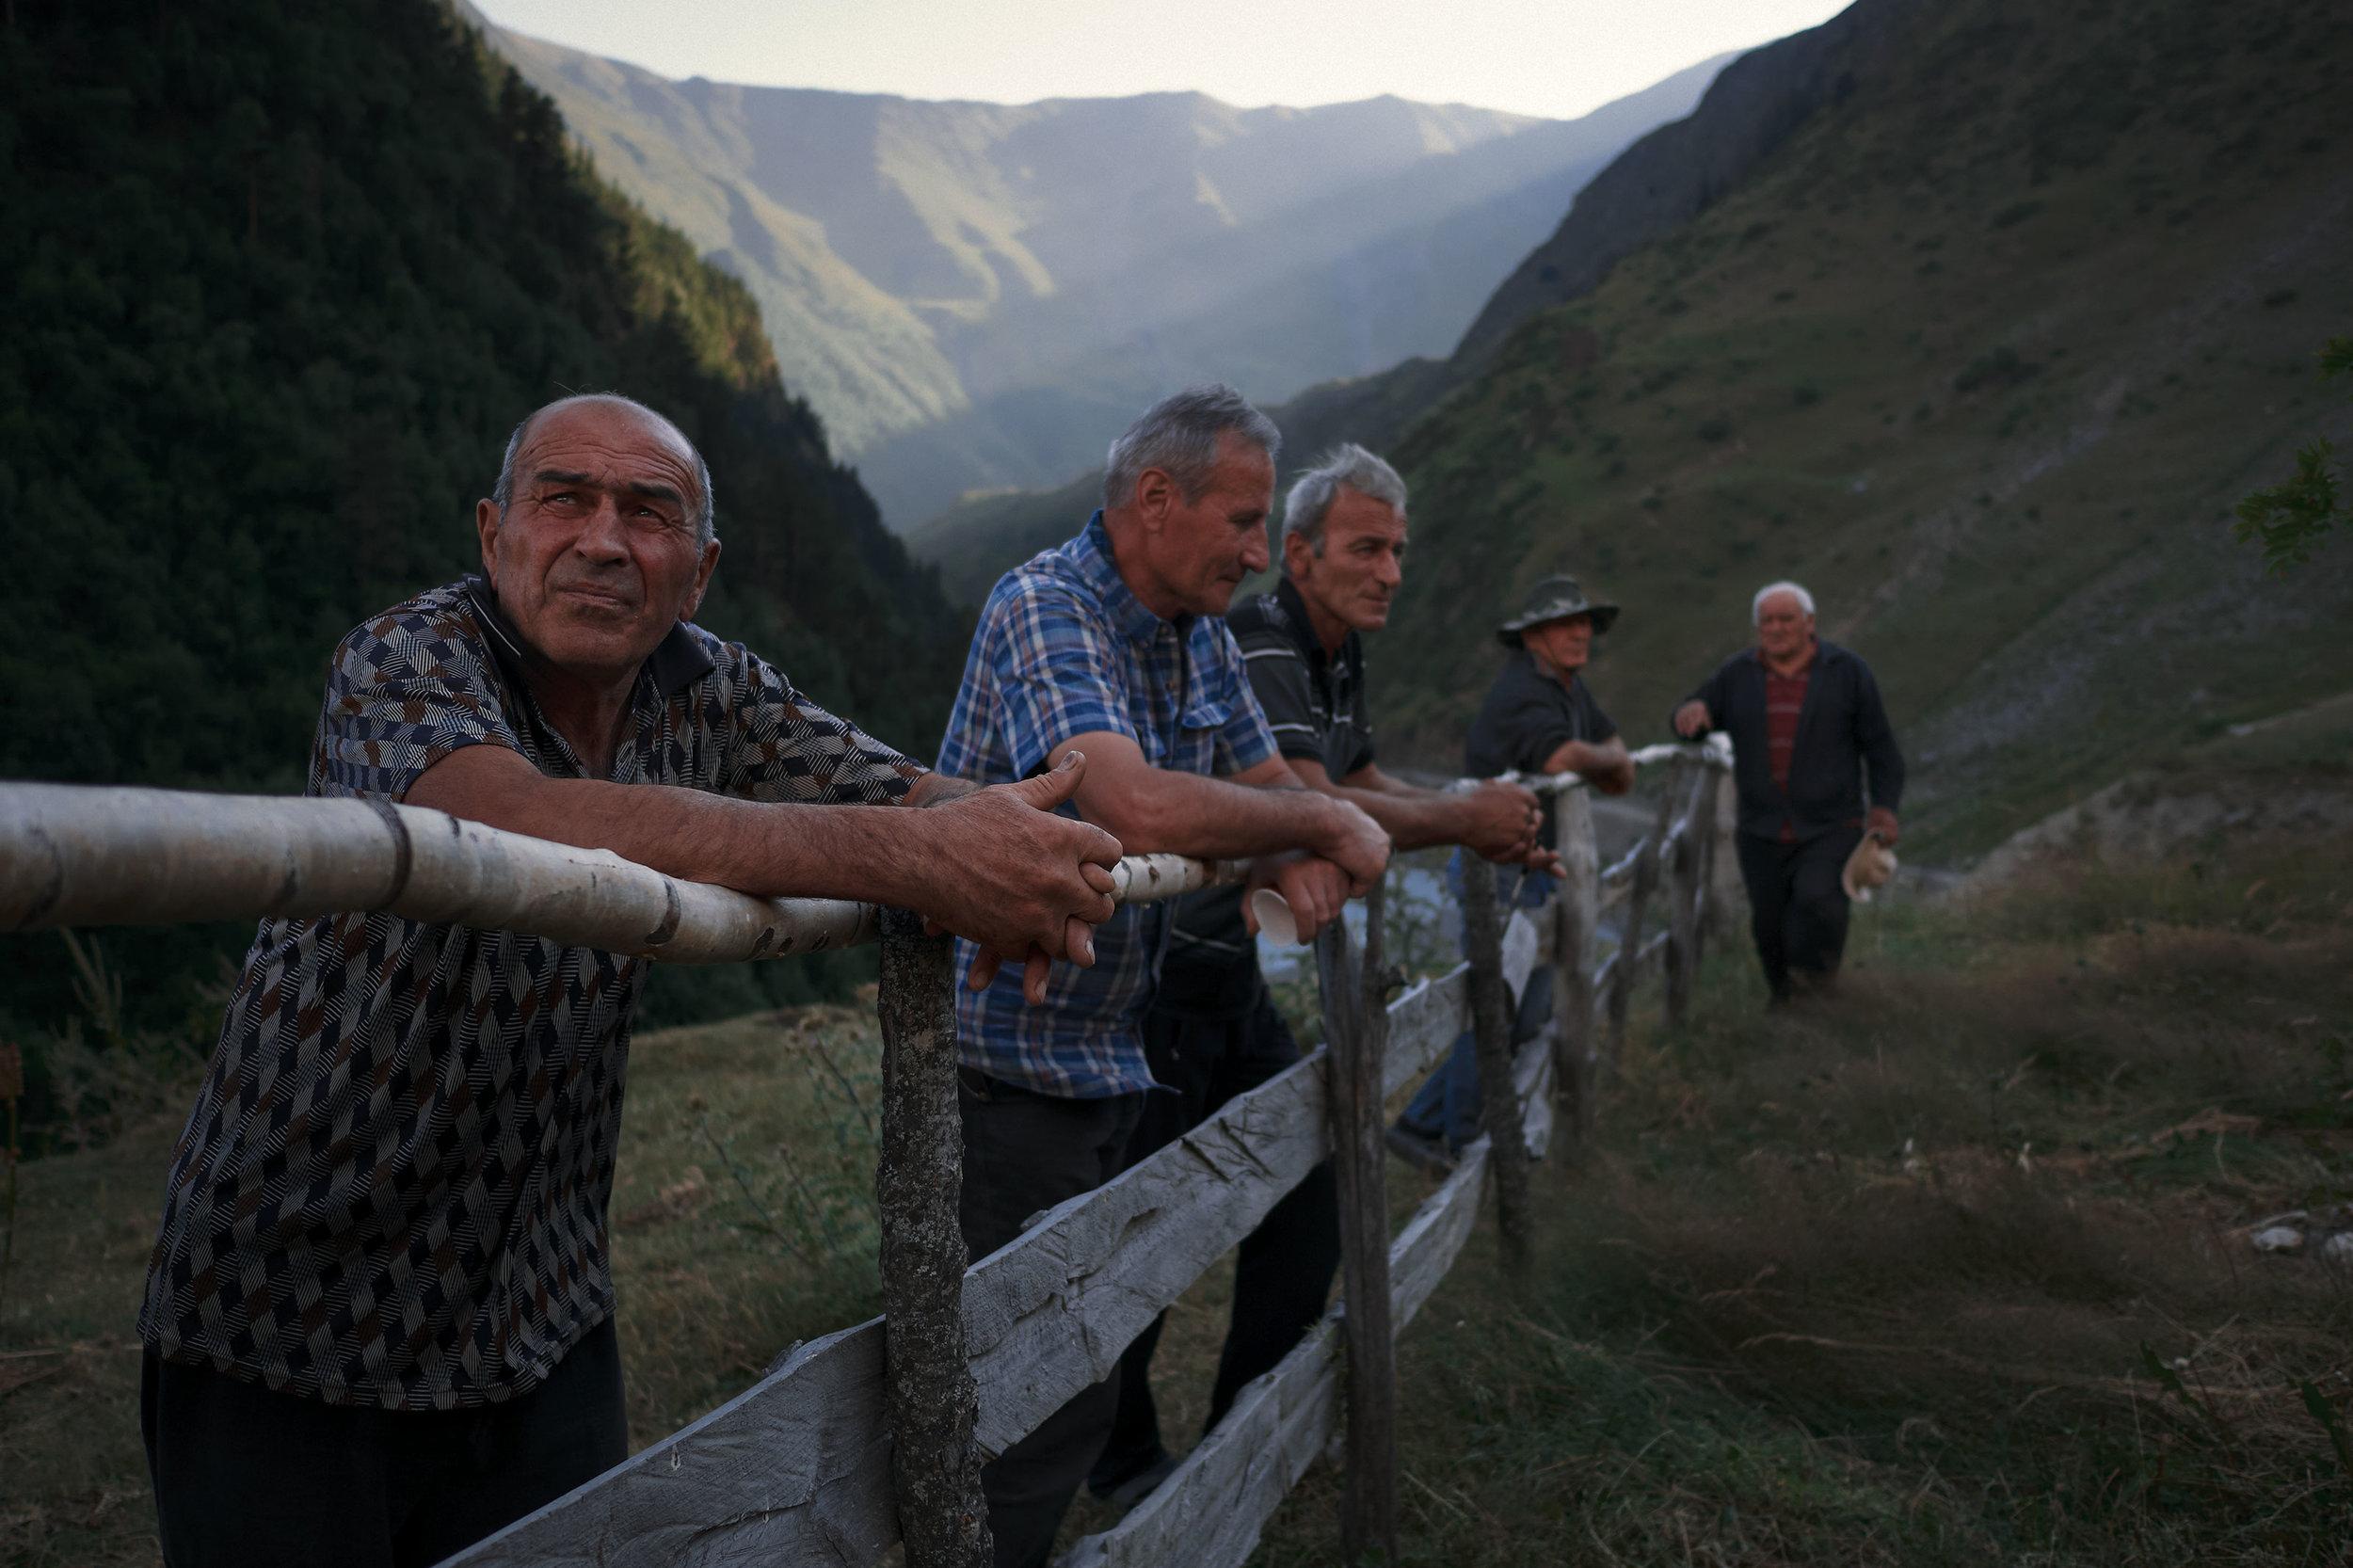 Tusheti-Georgia-village-men-wait-for-celebration